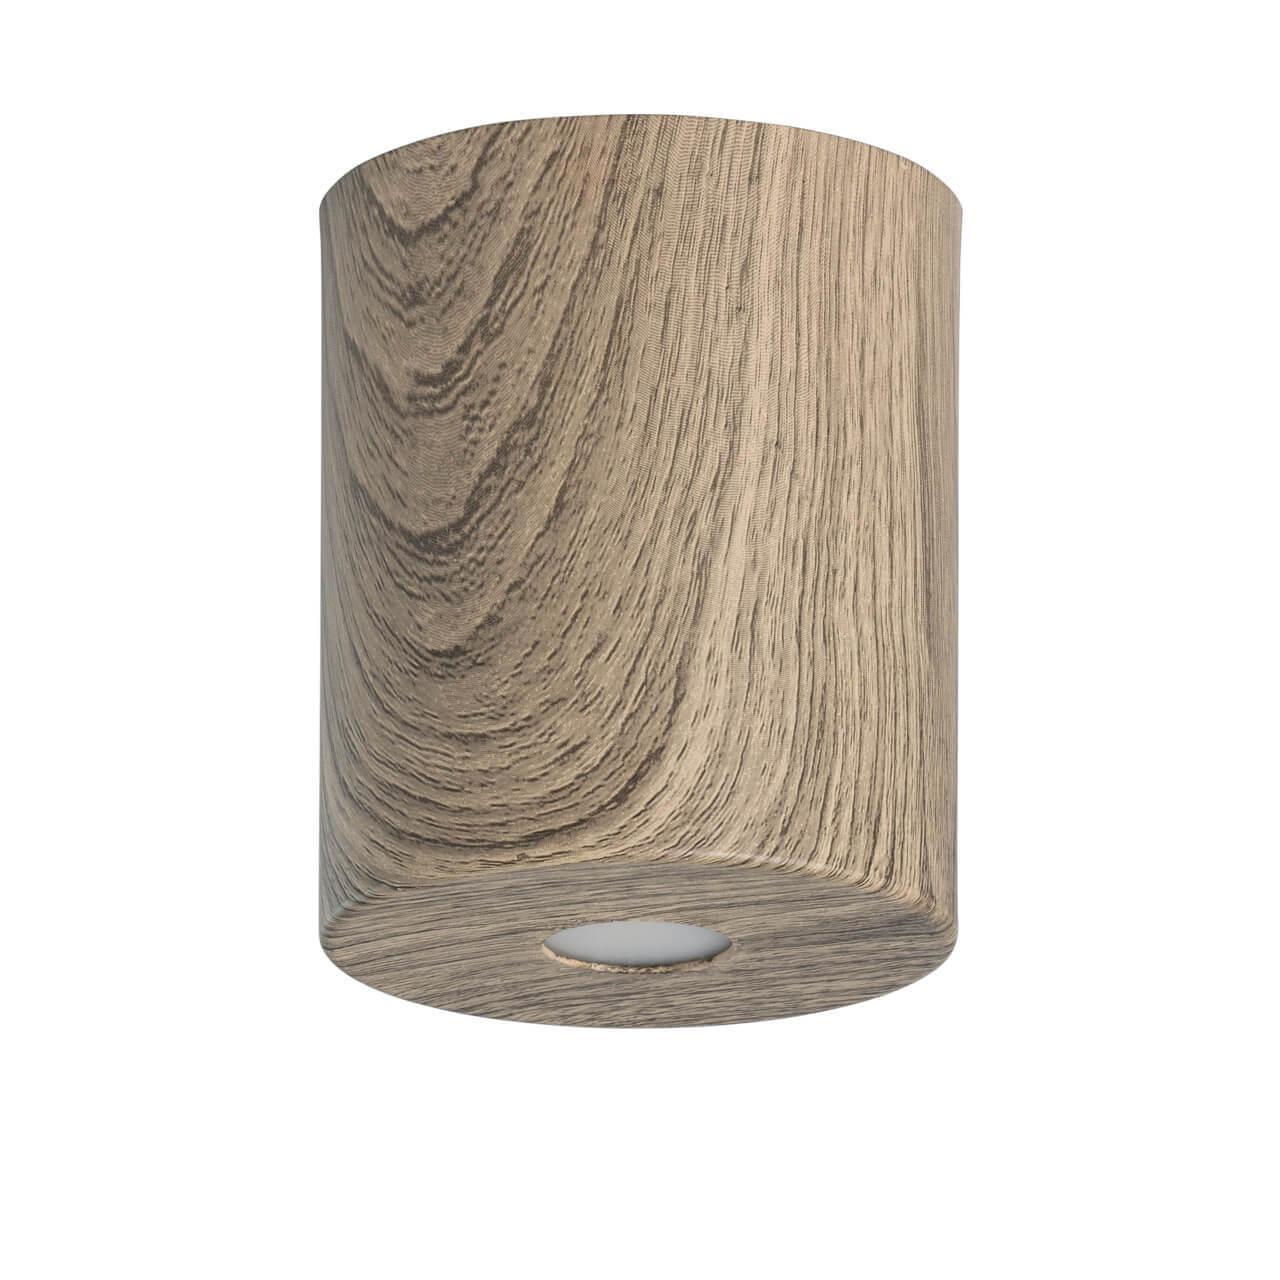 Потолочный светодиодный светильник De Markt Иланг 4 712010301